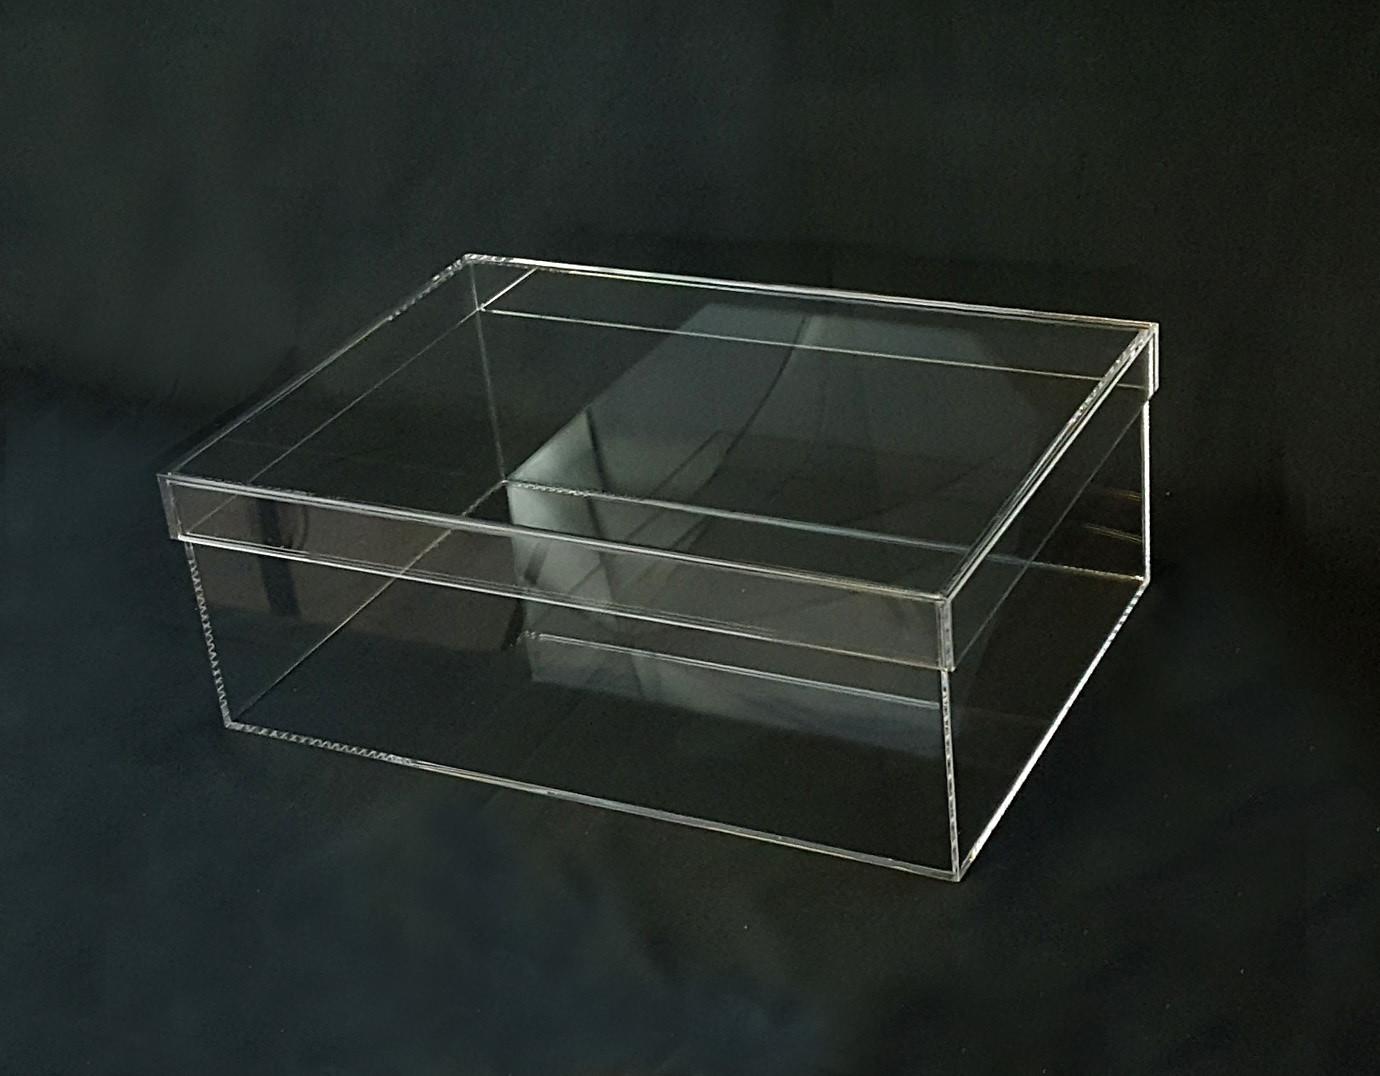 Scatola in PLEXIGLASS trasparente con coperchio